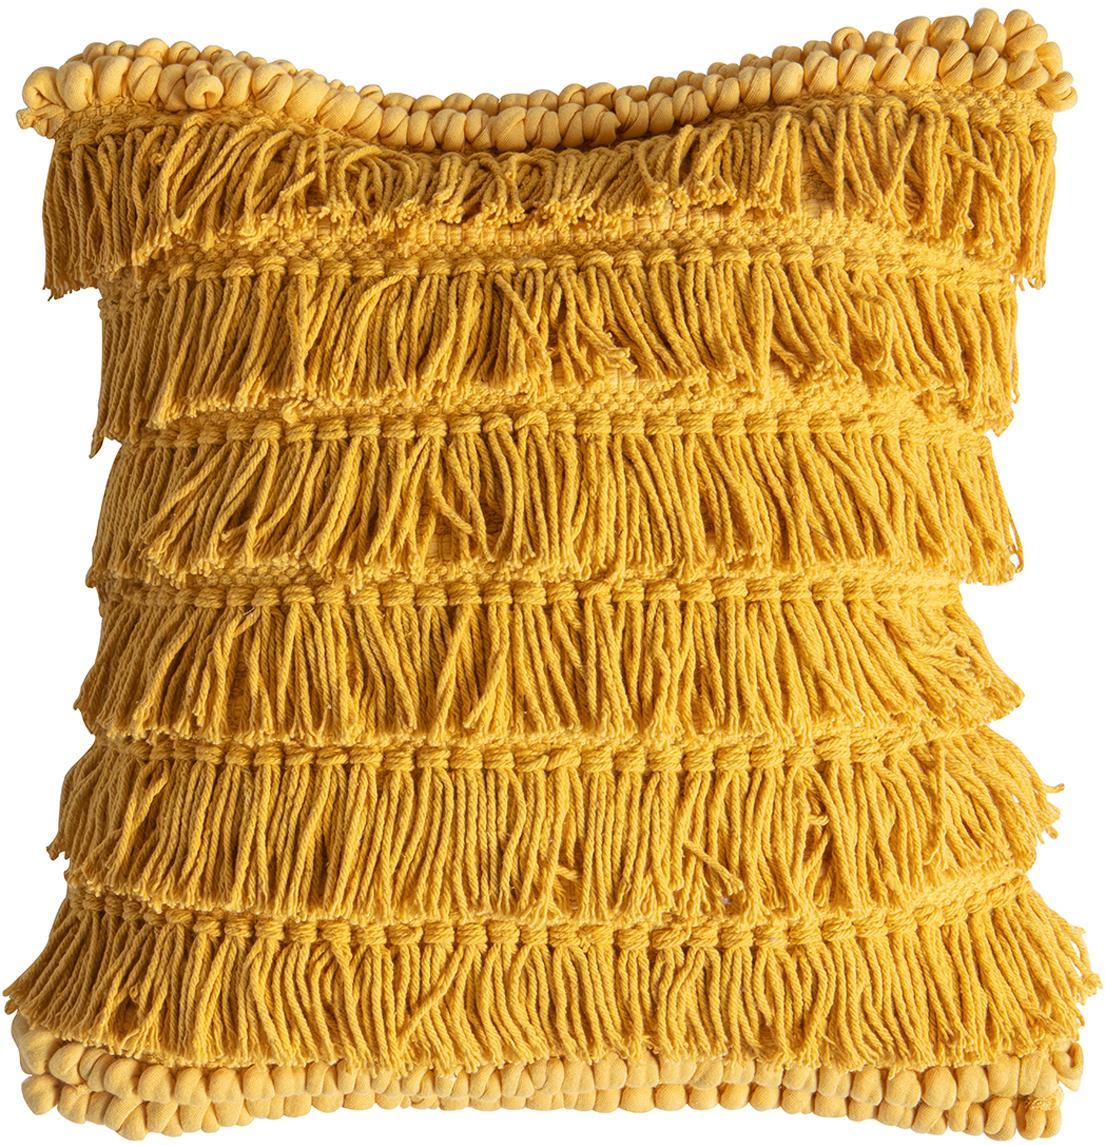 Cuscino con imbottitura Tallara, Rivestimento: 100% cotone riciclato, Giallo ocra, Larg. 45 x Lung. 45 cm